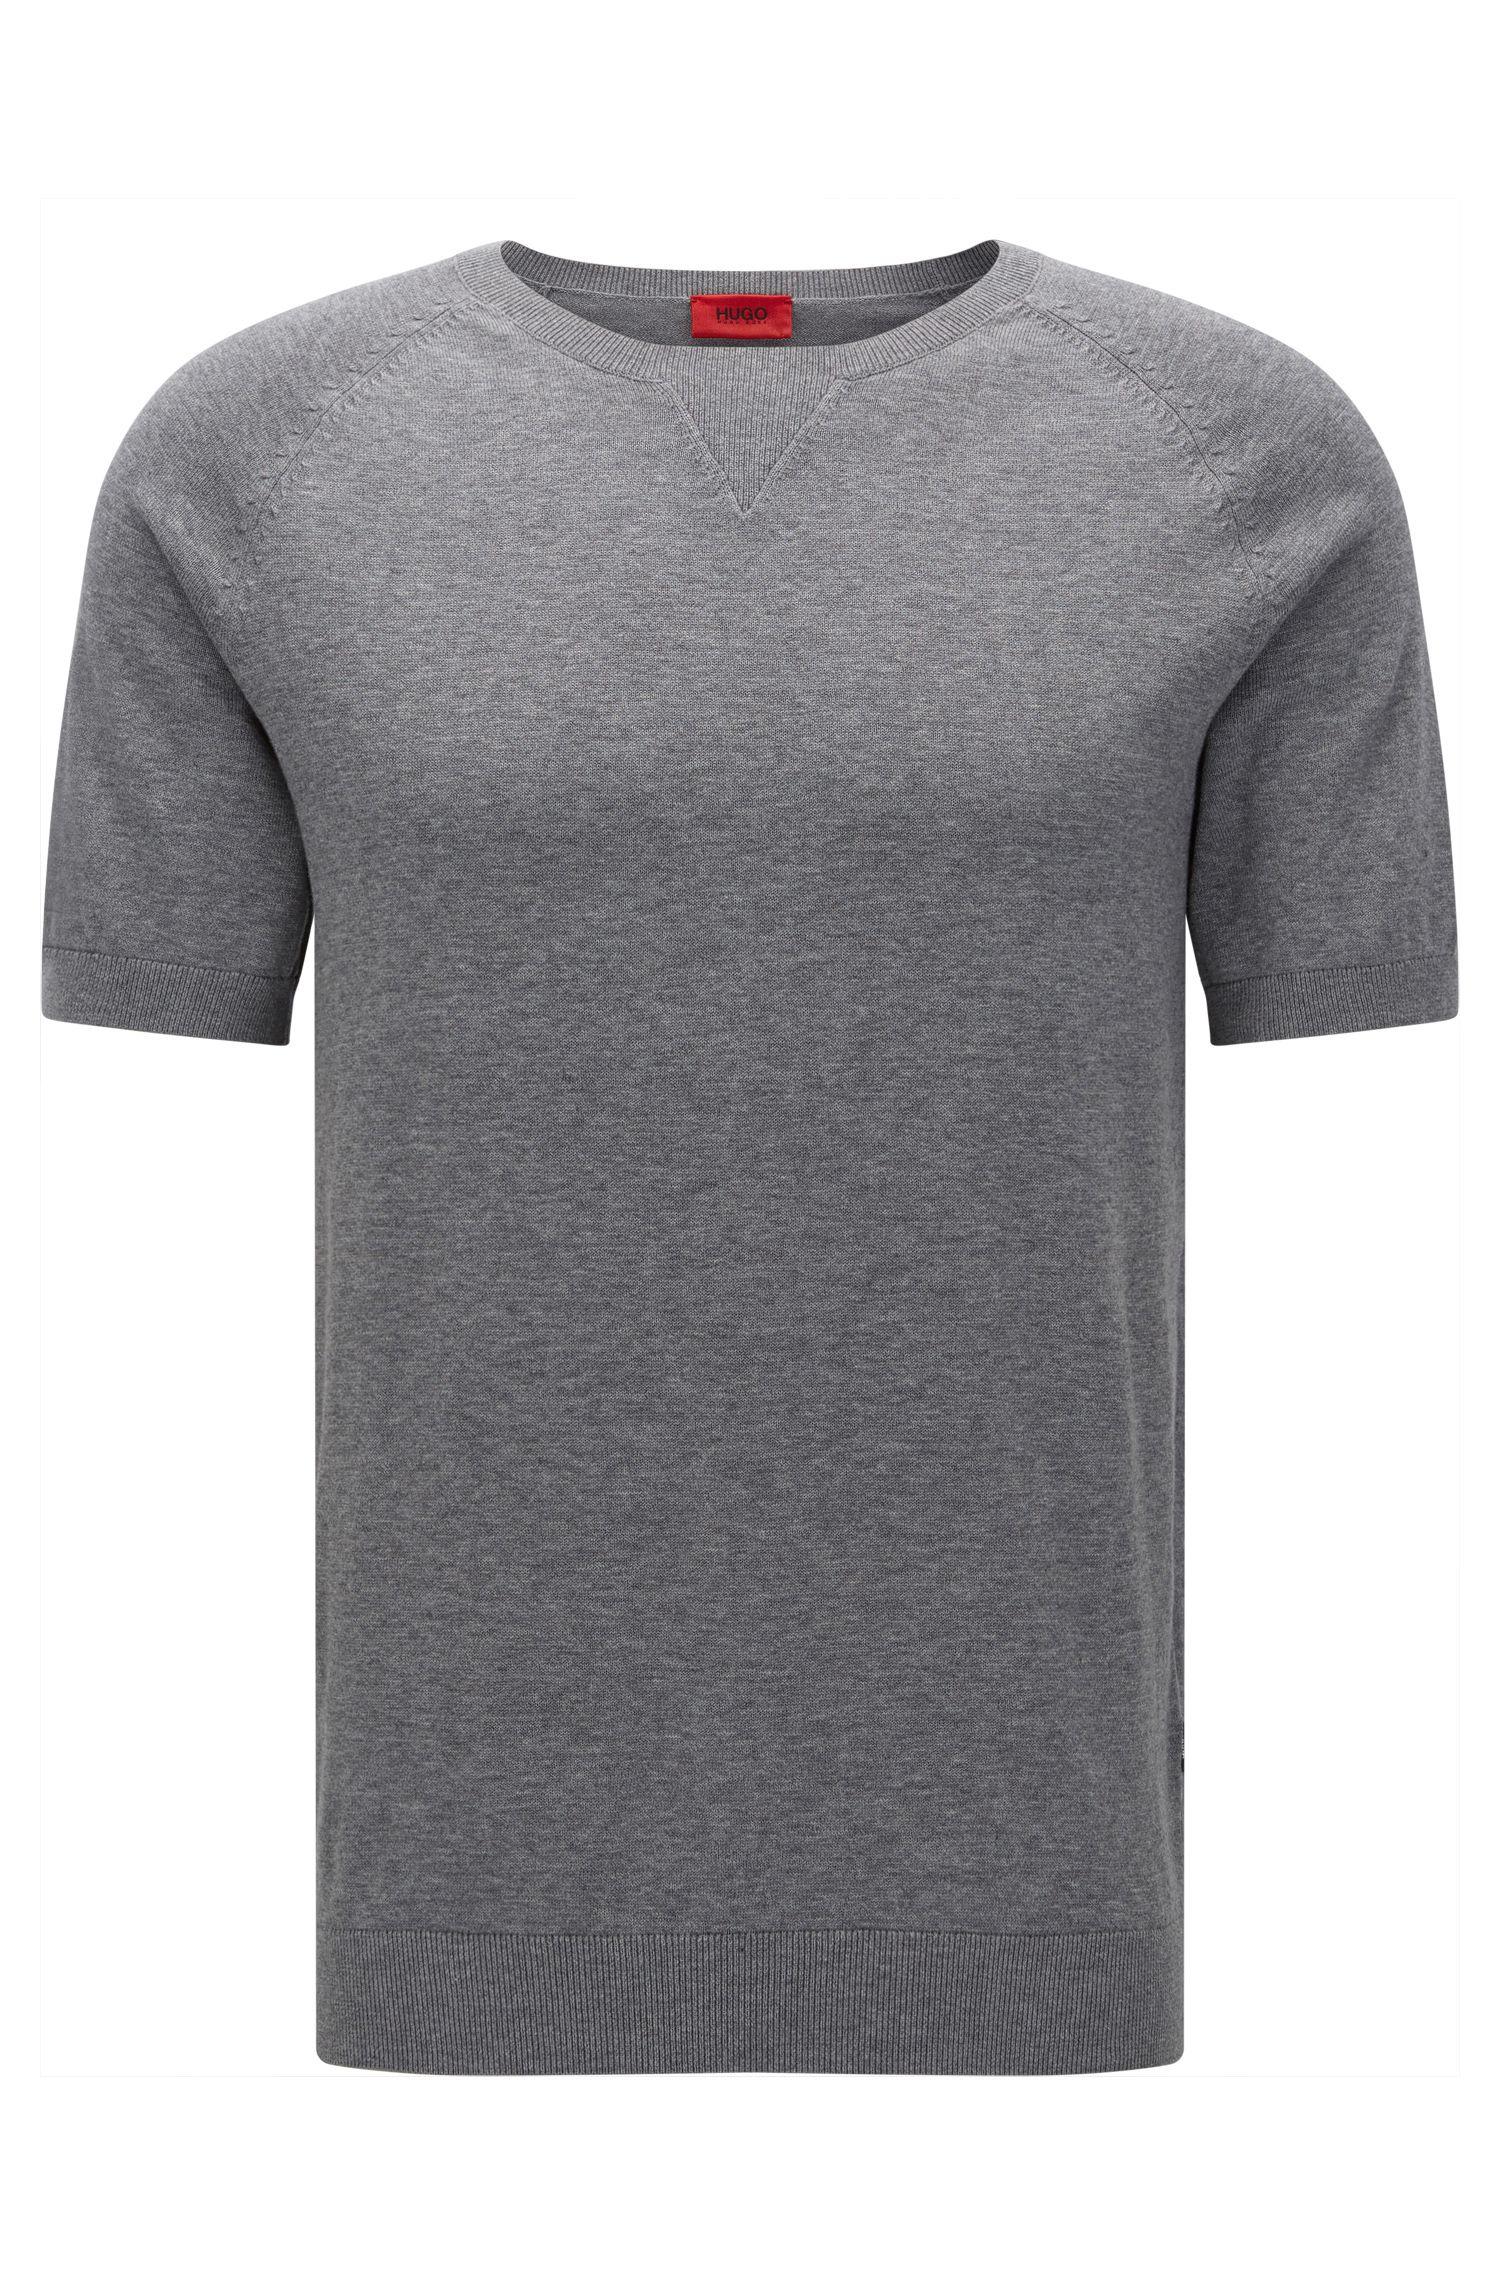 T-shirt oversize in cotone con inserto sulla scollatura